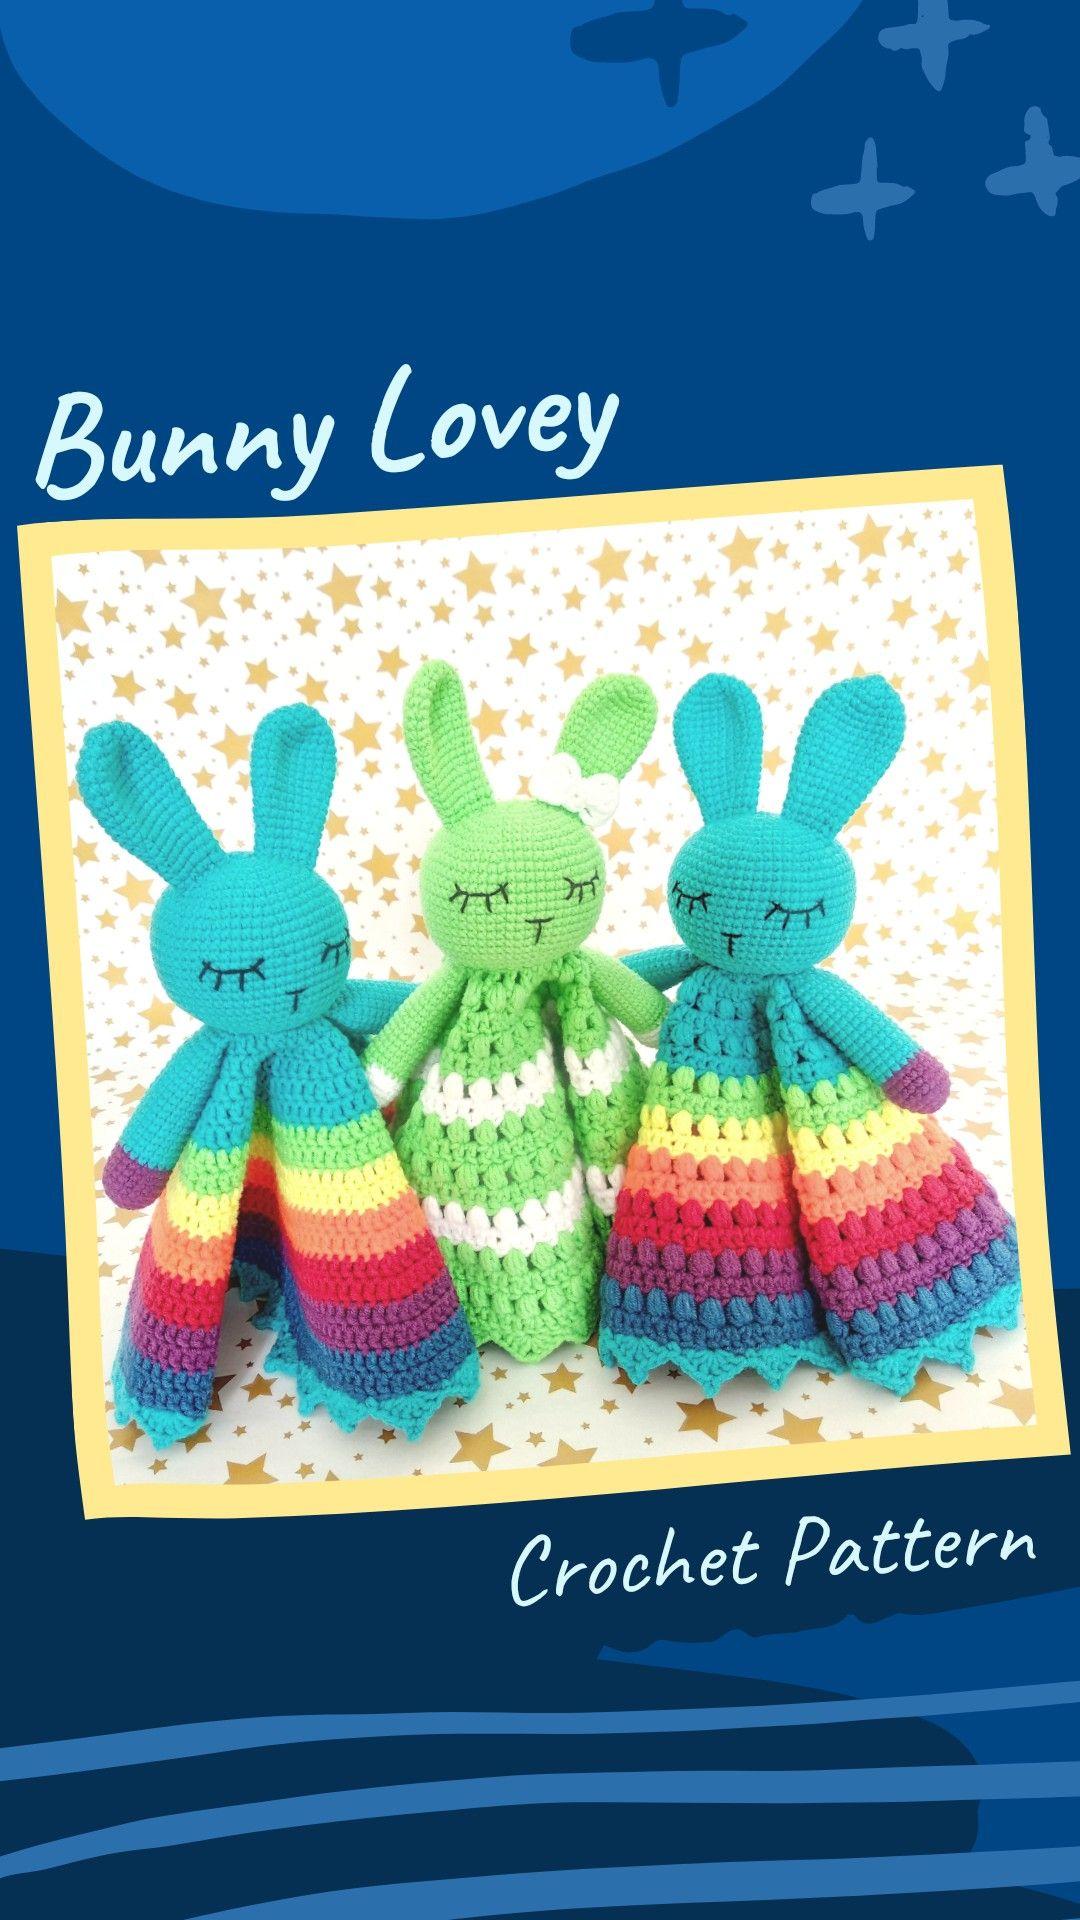 Handmade Crocheted Bunny Comforter  Snuggle Blanket  Lovey  Baby Gift  Baby Shower  Blanket  Rabbit